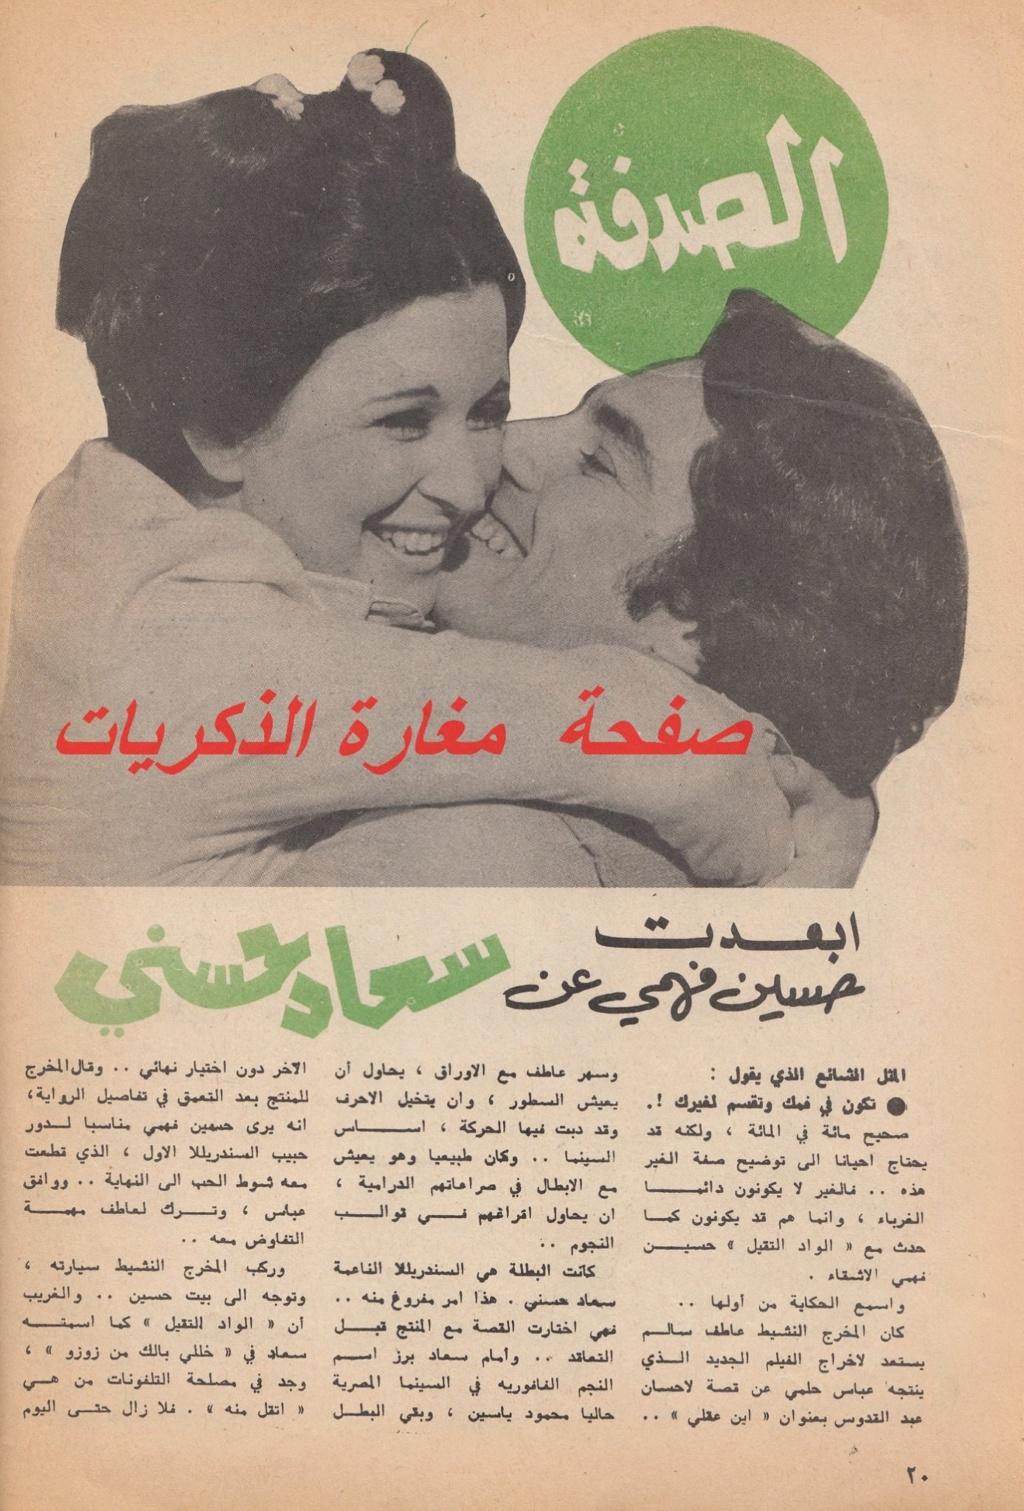 مقال - مقال صحفي : الصدفة ابعدت حسين فهمي عن سعاد حسني 1973 م 1165